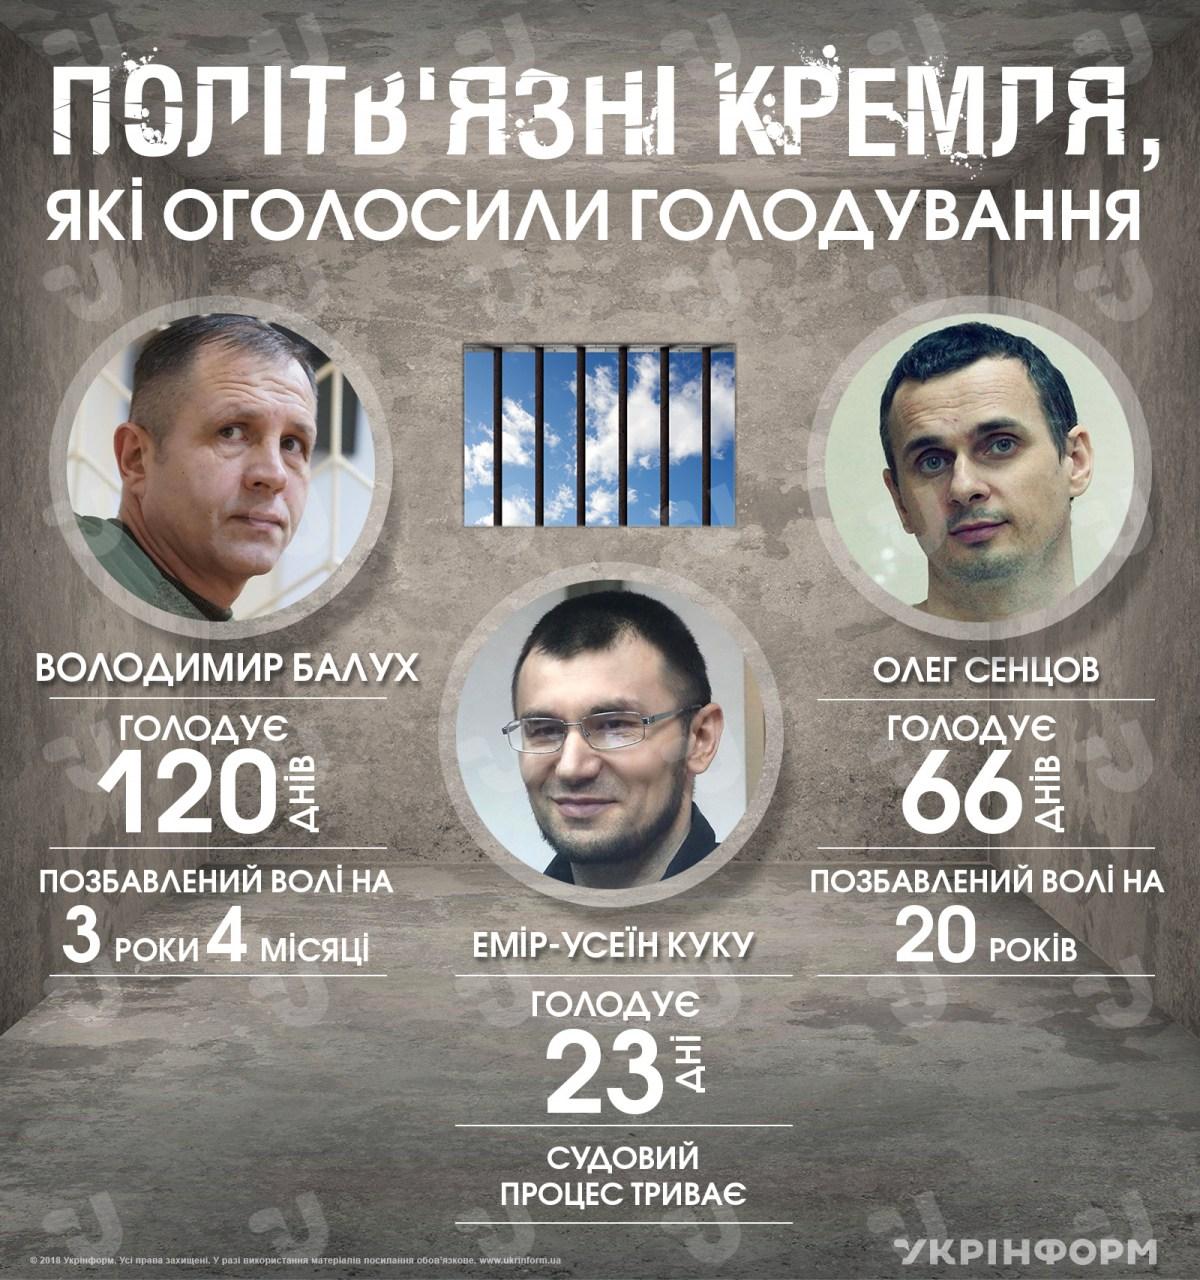 Политзаключенные Кремля, объявившие голодовку (инфографика)